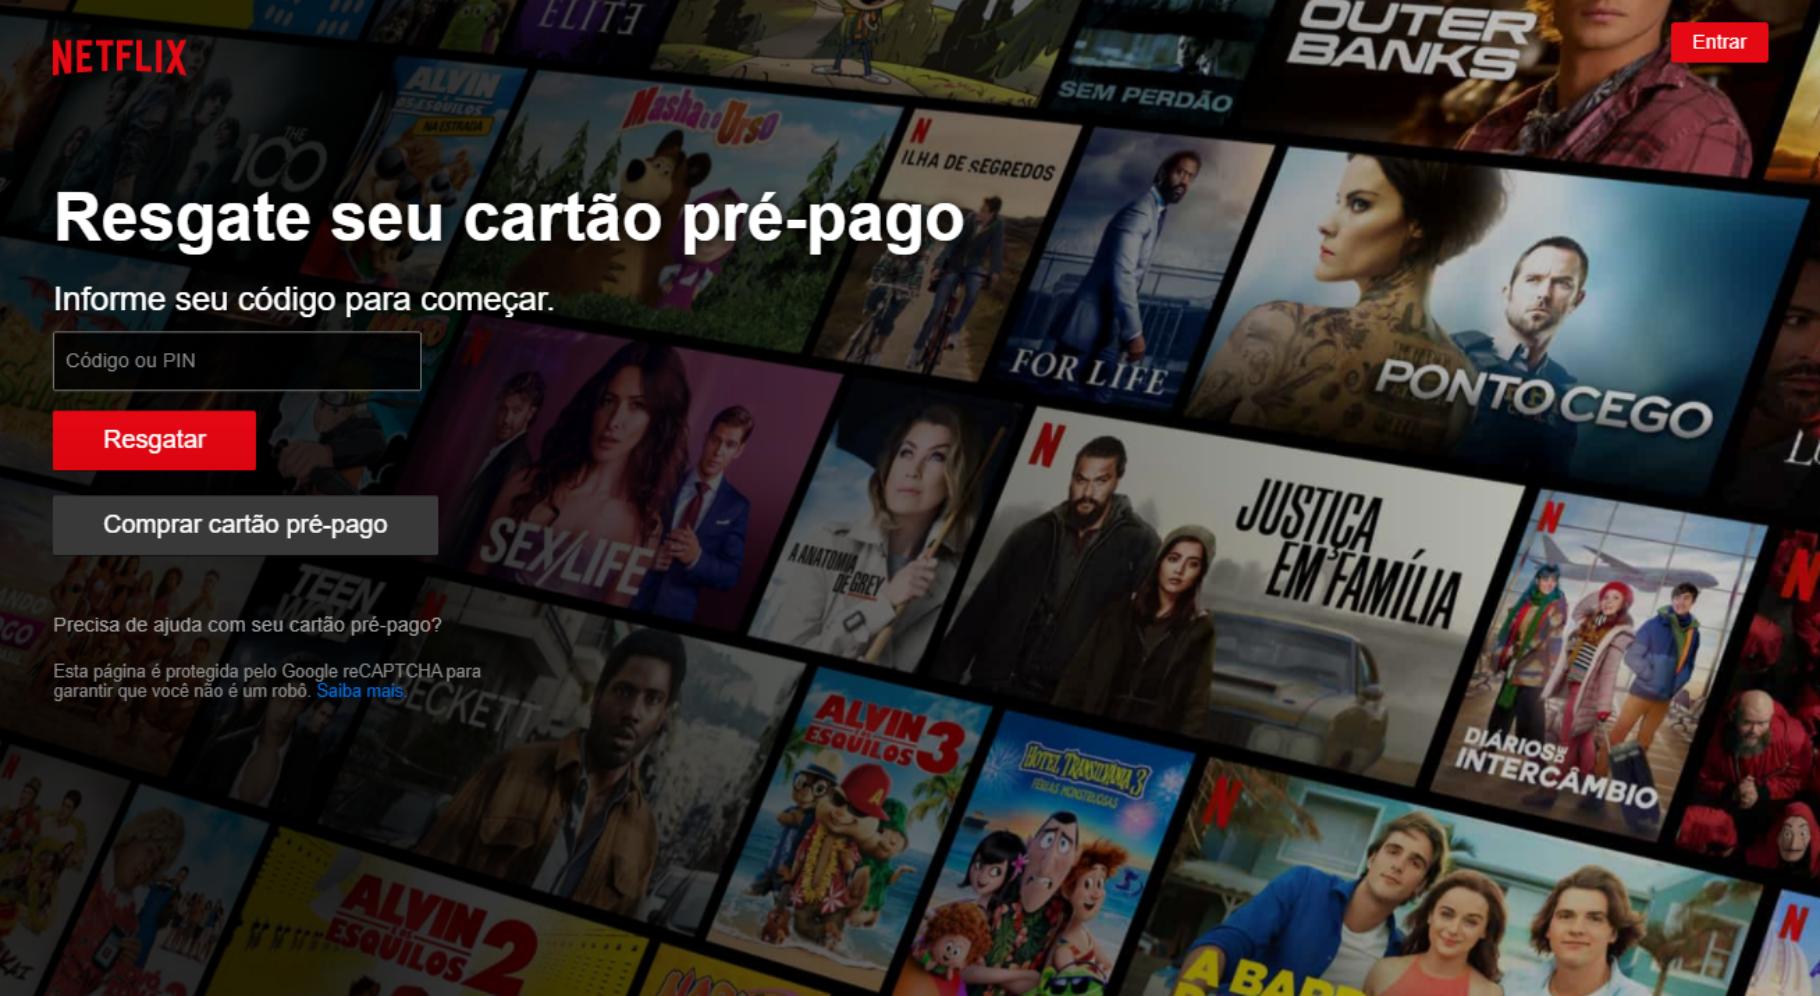 Tela de resgate do cartão pré-pago no site da Netflix